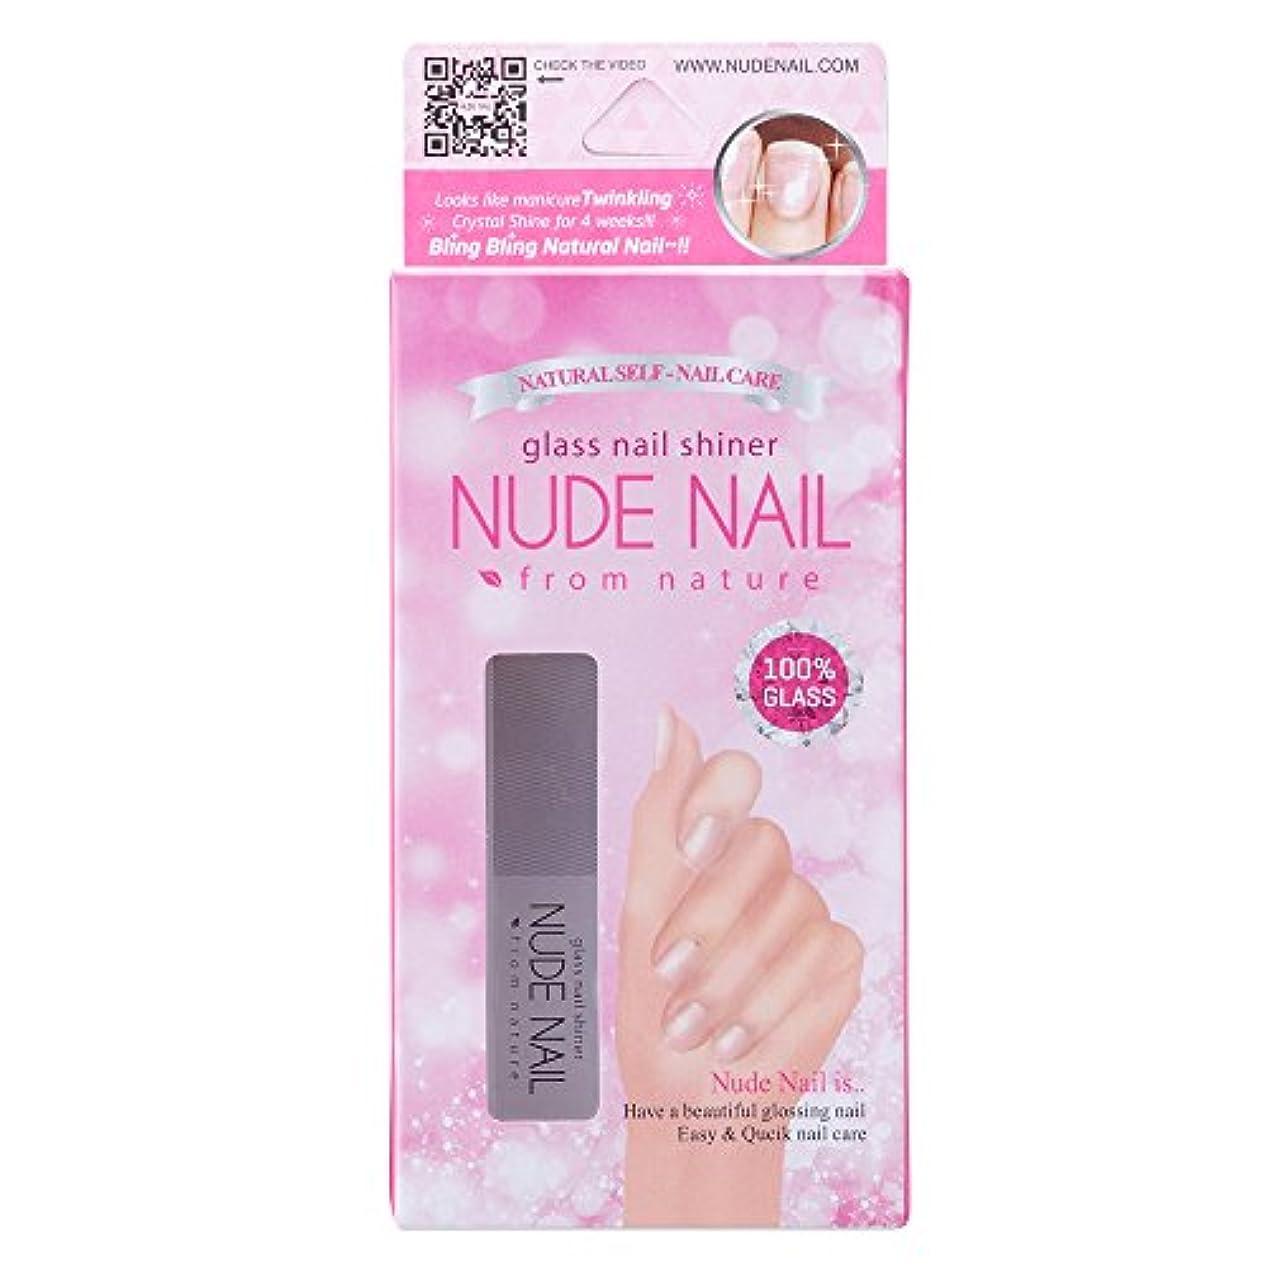 地味なリラックスしがみつくヌードネイル グラス ネイル シャイナー ガラス製爪ヤスリ NUDE NAIL glass nail shiner